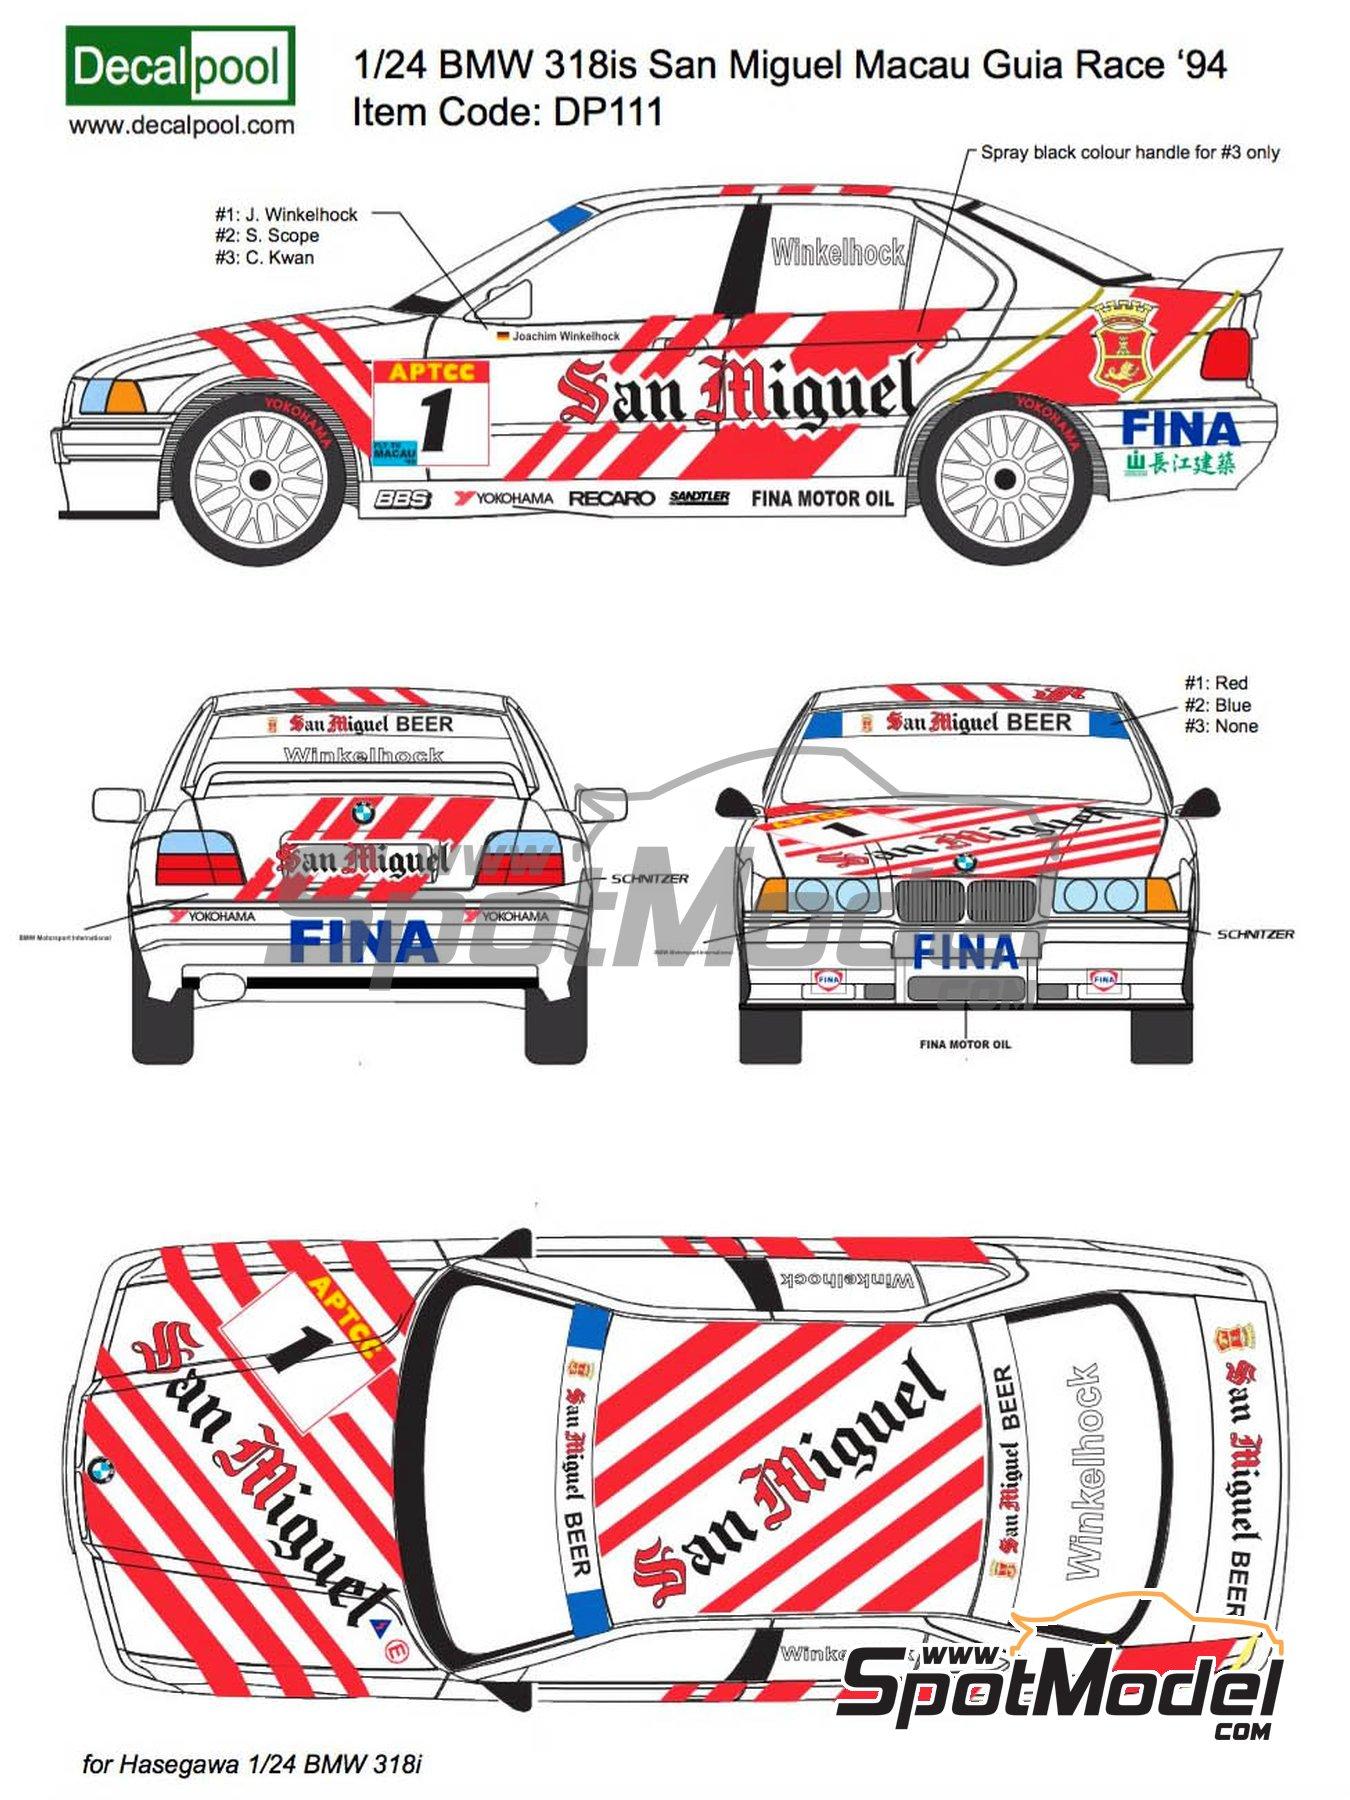 BMW 318i San Miguel - Guia Race de Macau 1994 | Decoración en escala1/24 fabricado por Decalpool (ref.DP116) image